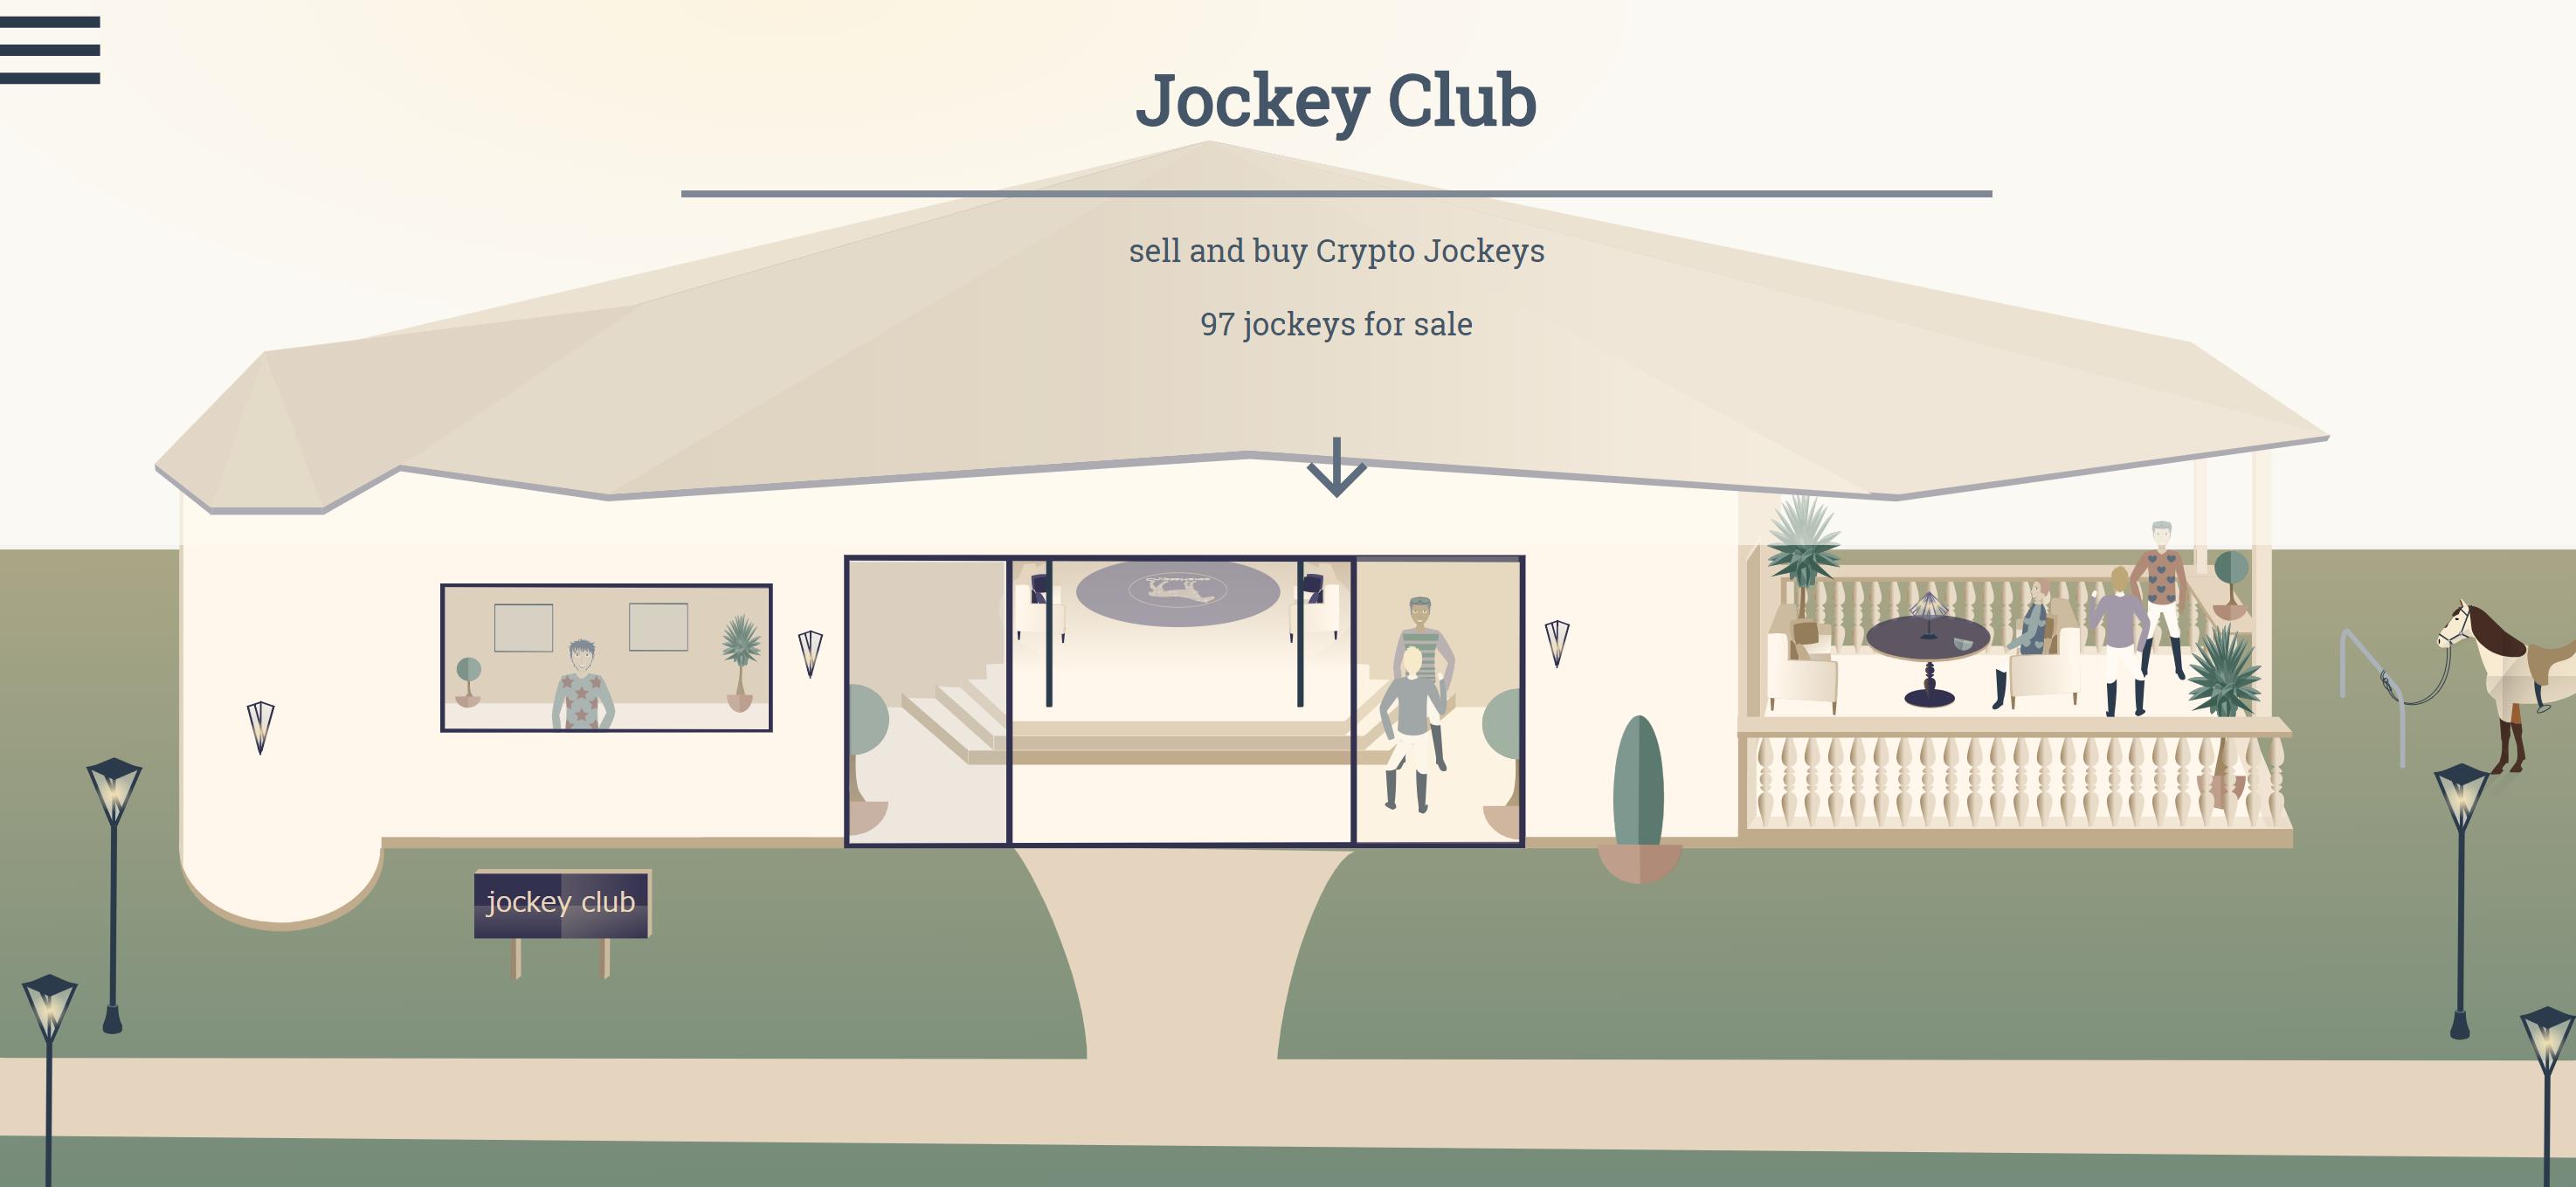 ジョッキークラブ